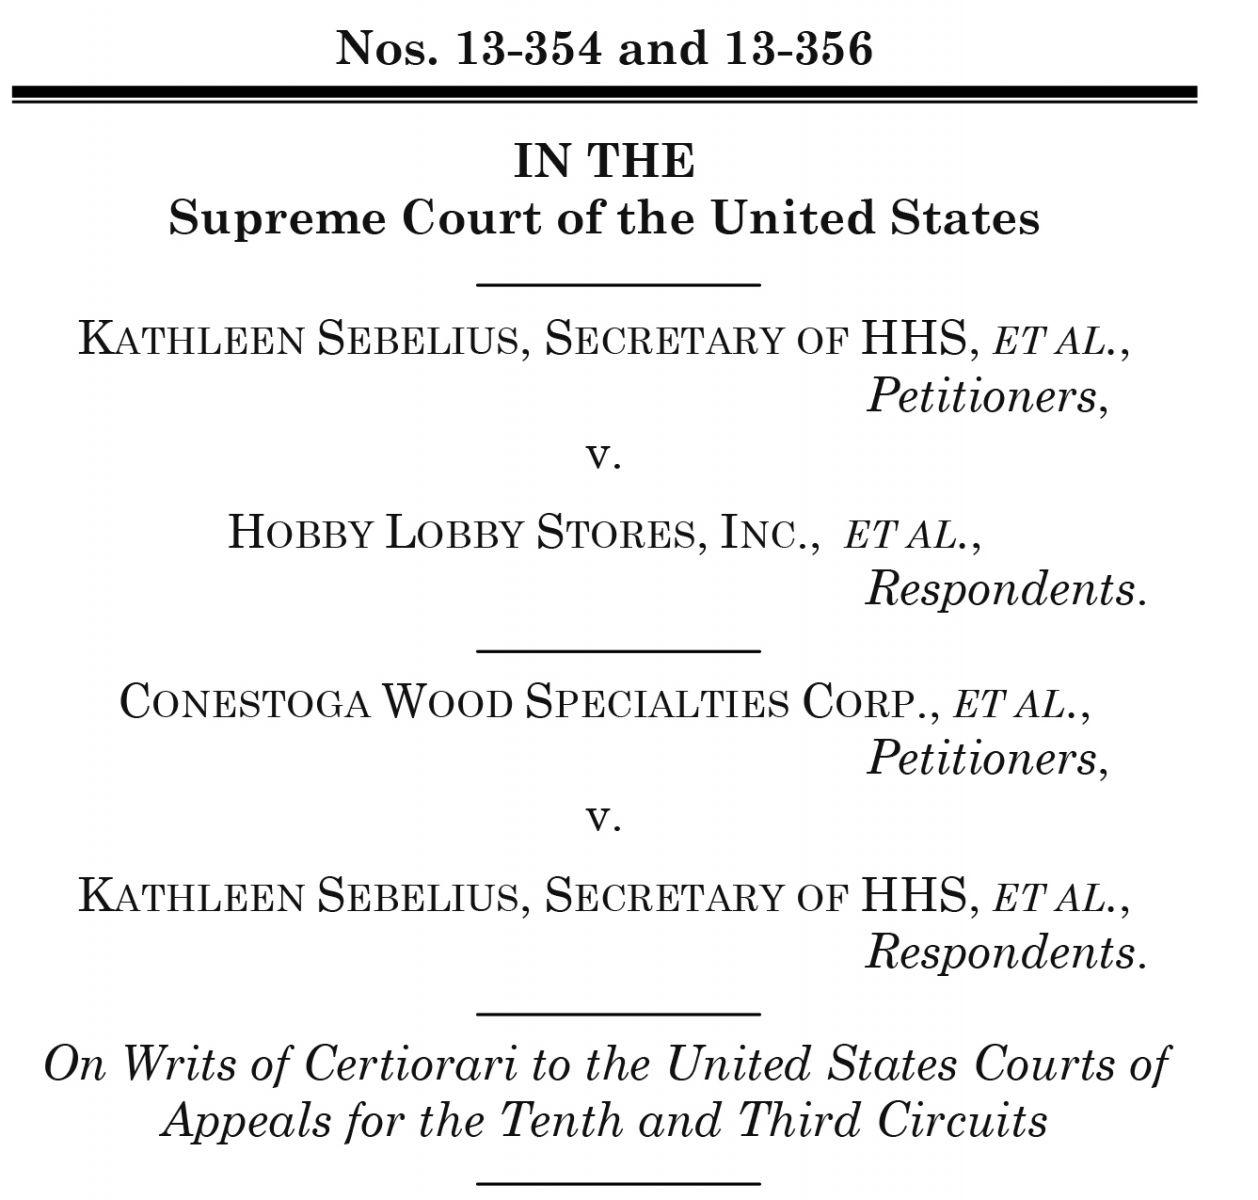 Worksheet Landmark Supreme Court Cases Worksheet Grass Fedjp Worksheet Study Site